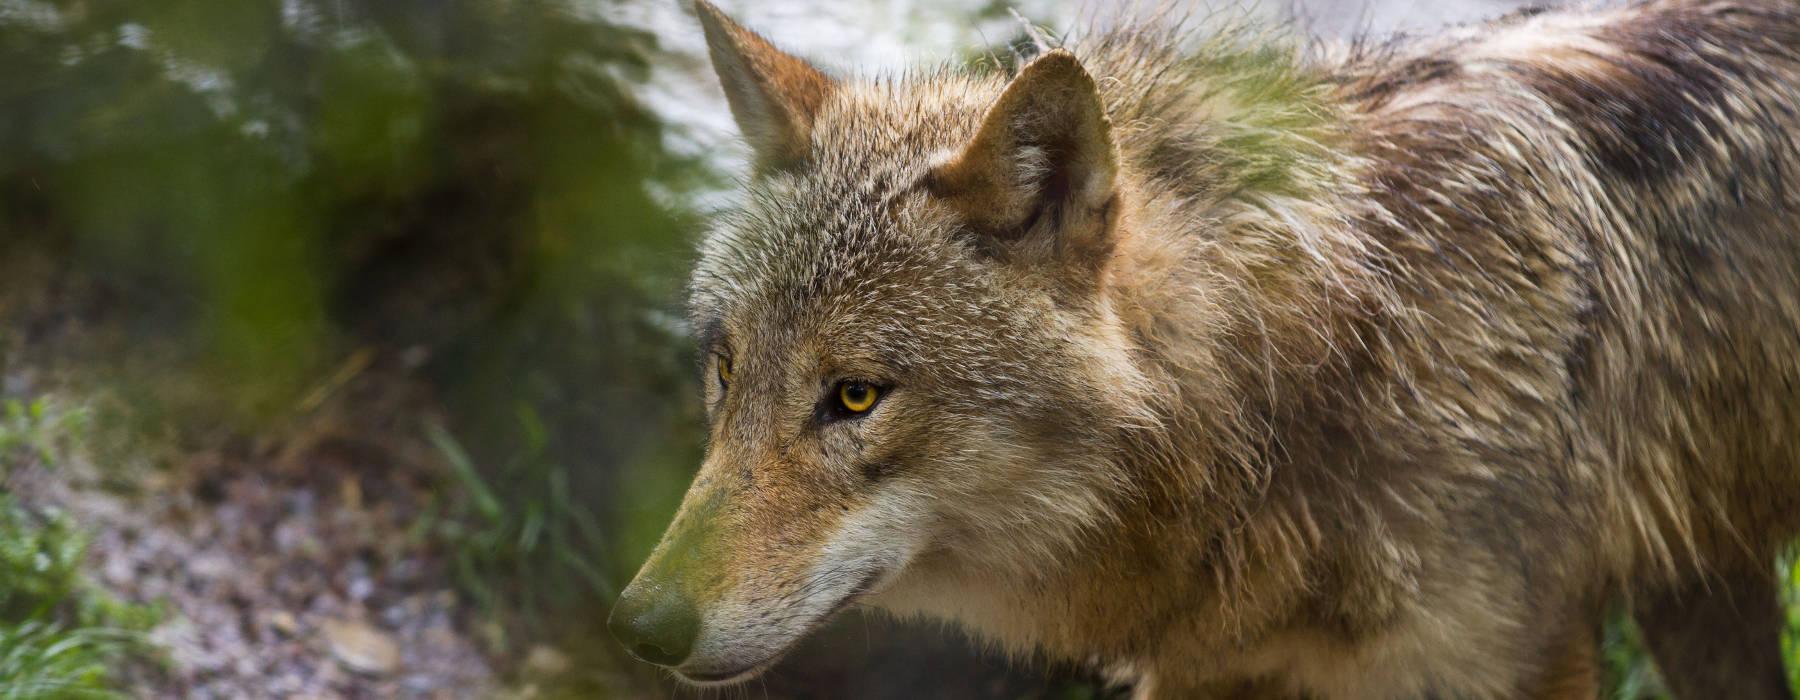 FNP nijs natoer en lanskip 5 wolf